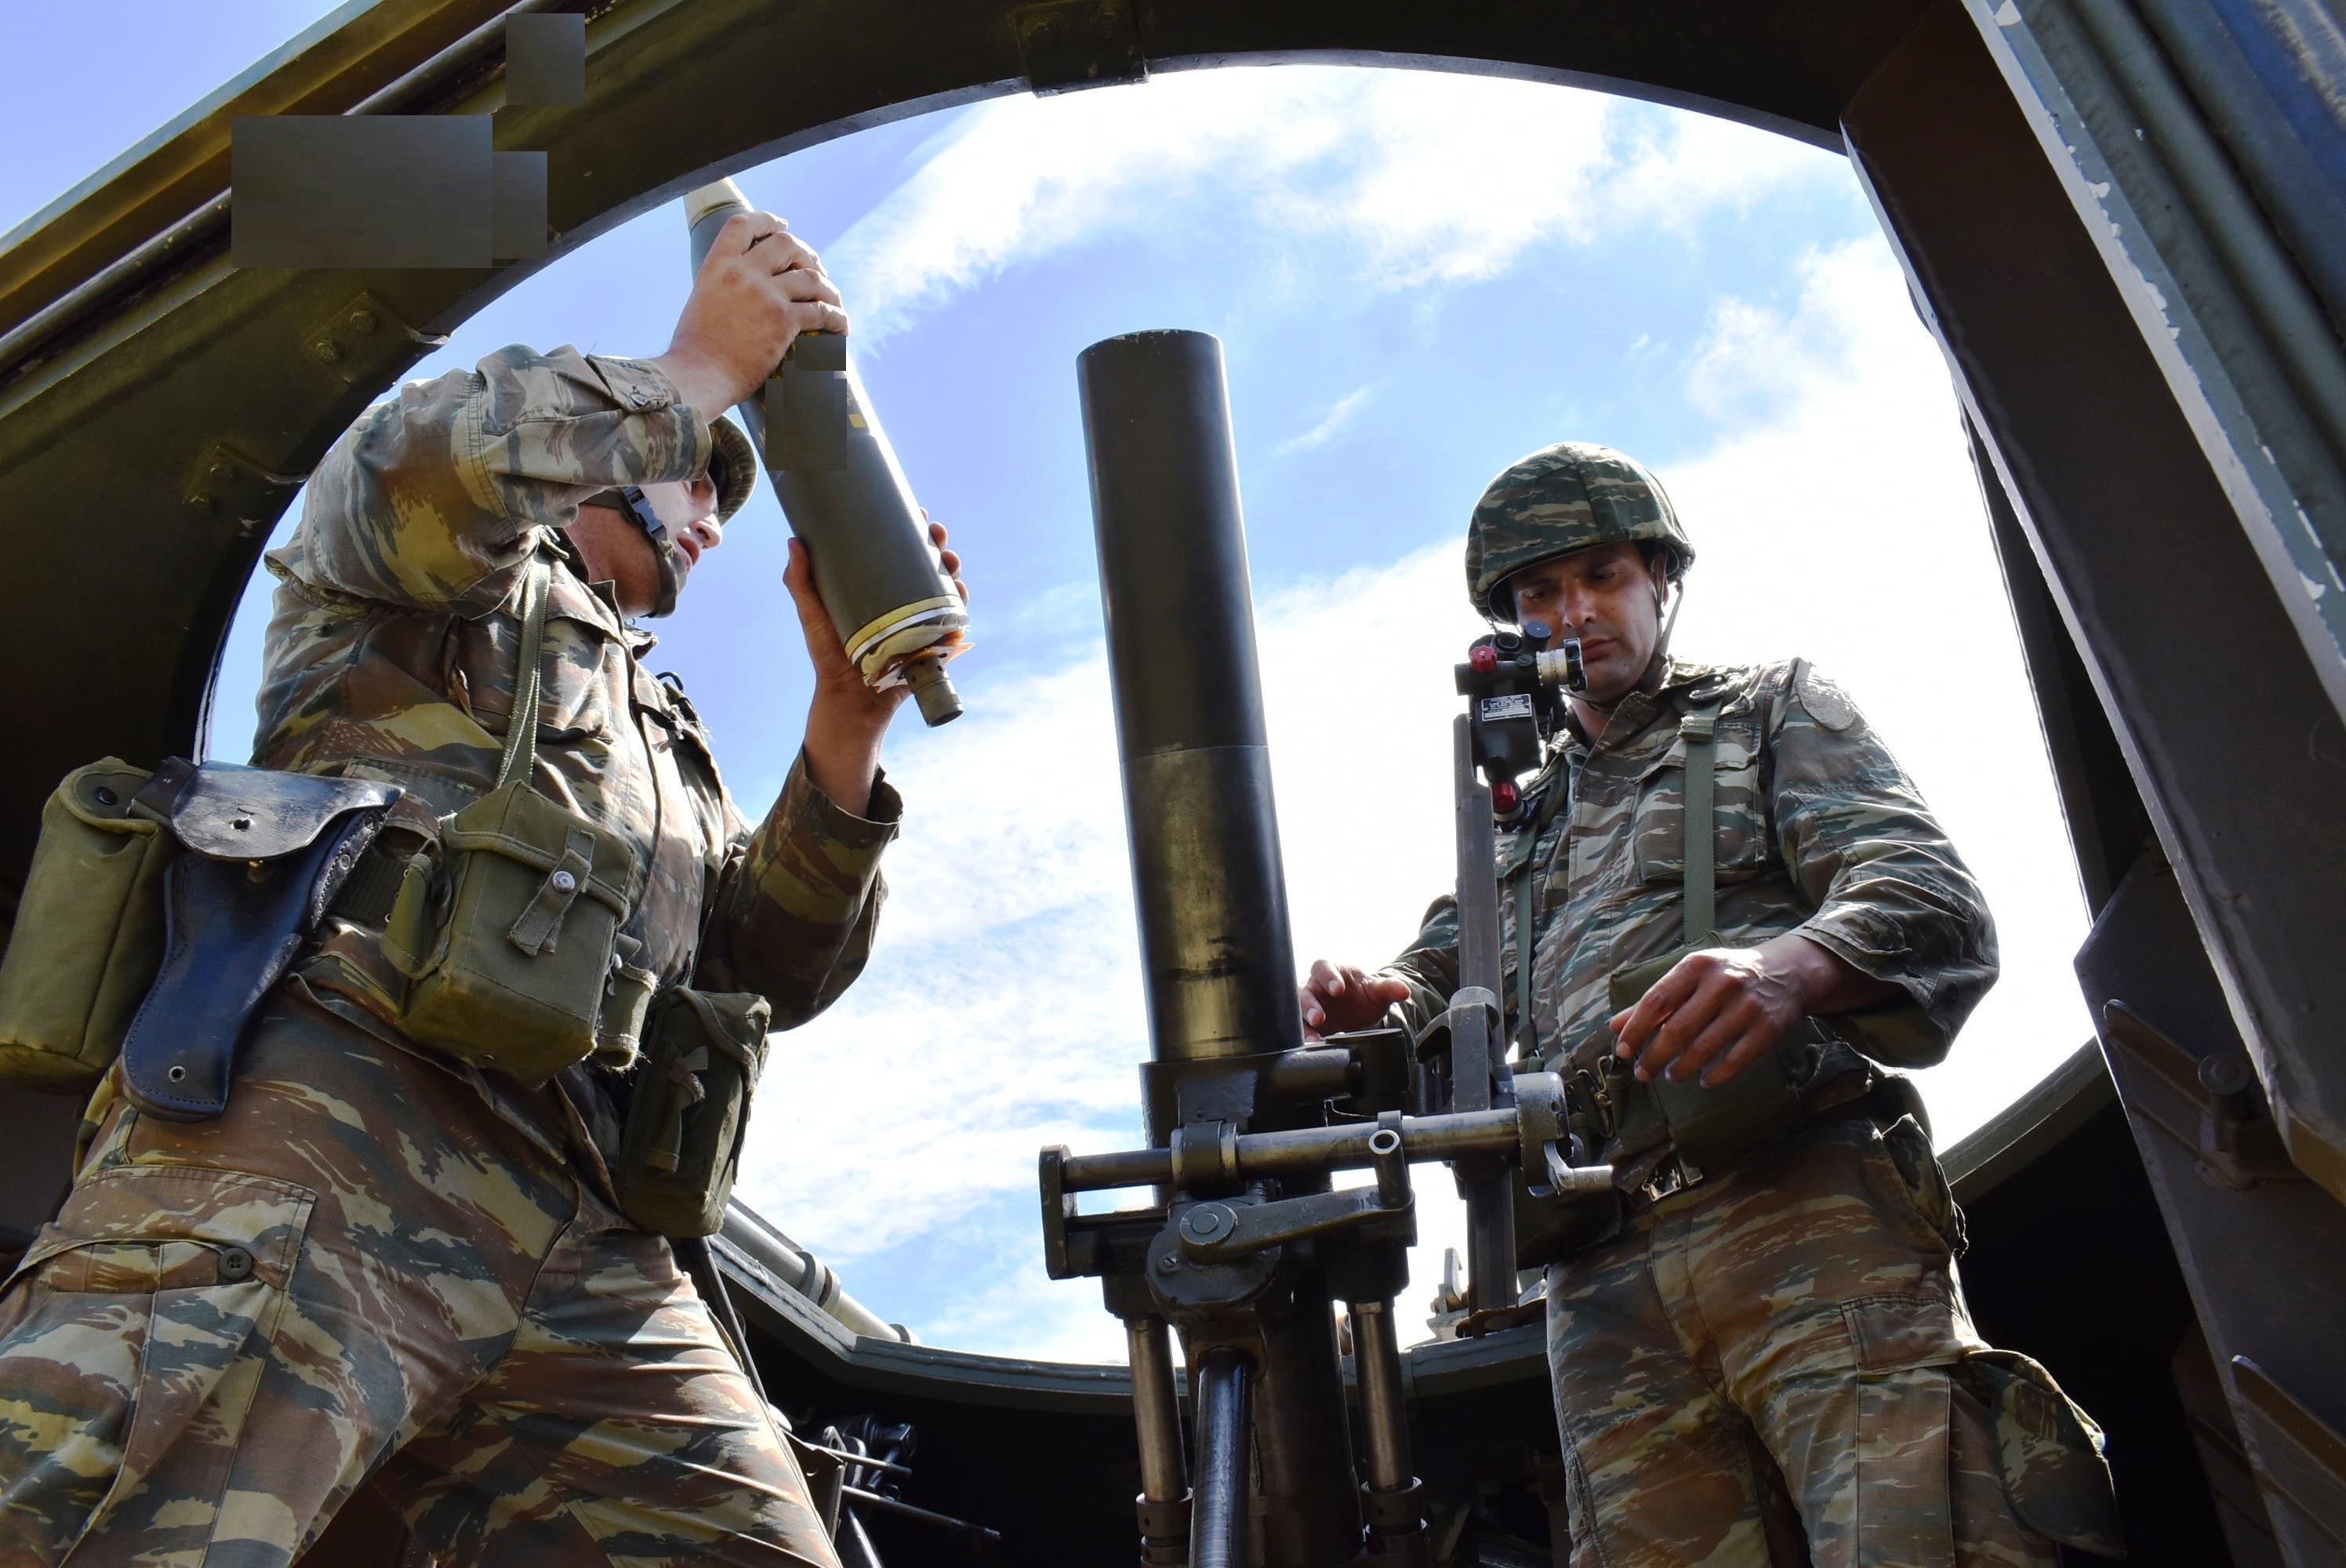 Έτσι εκπαιδεύεται η 1η Στρατιά - Απίστευτα πλάνα - ΦΩΤΟ - Εικόνα16